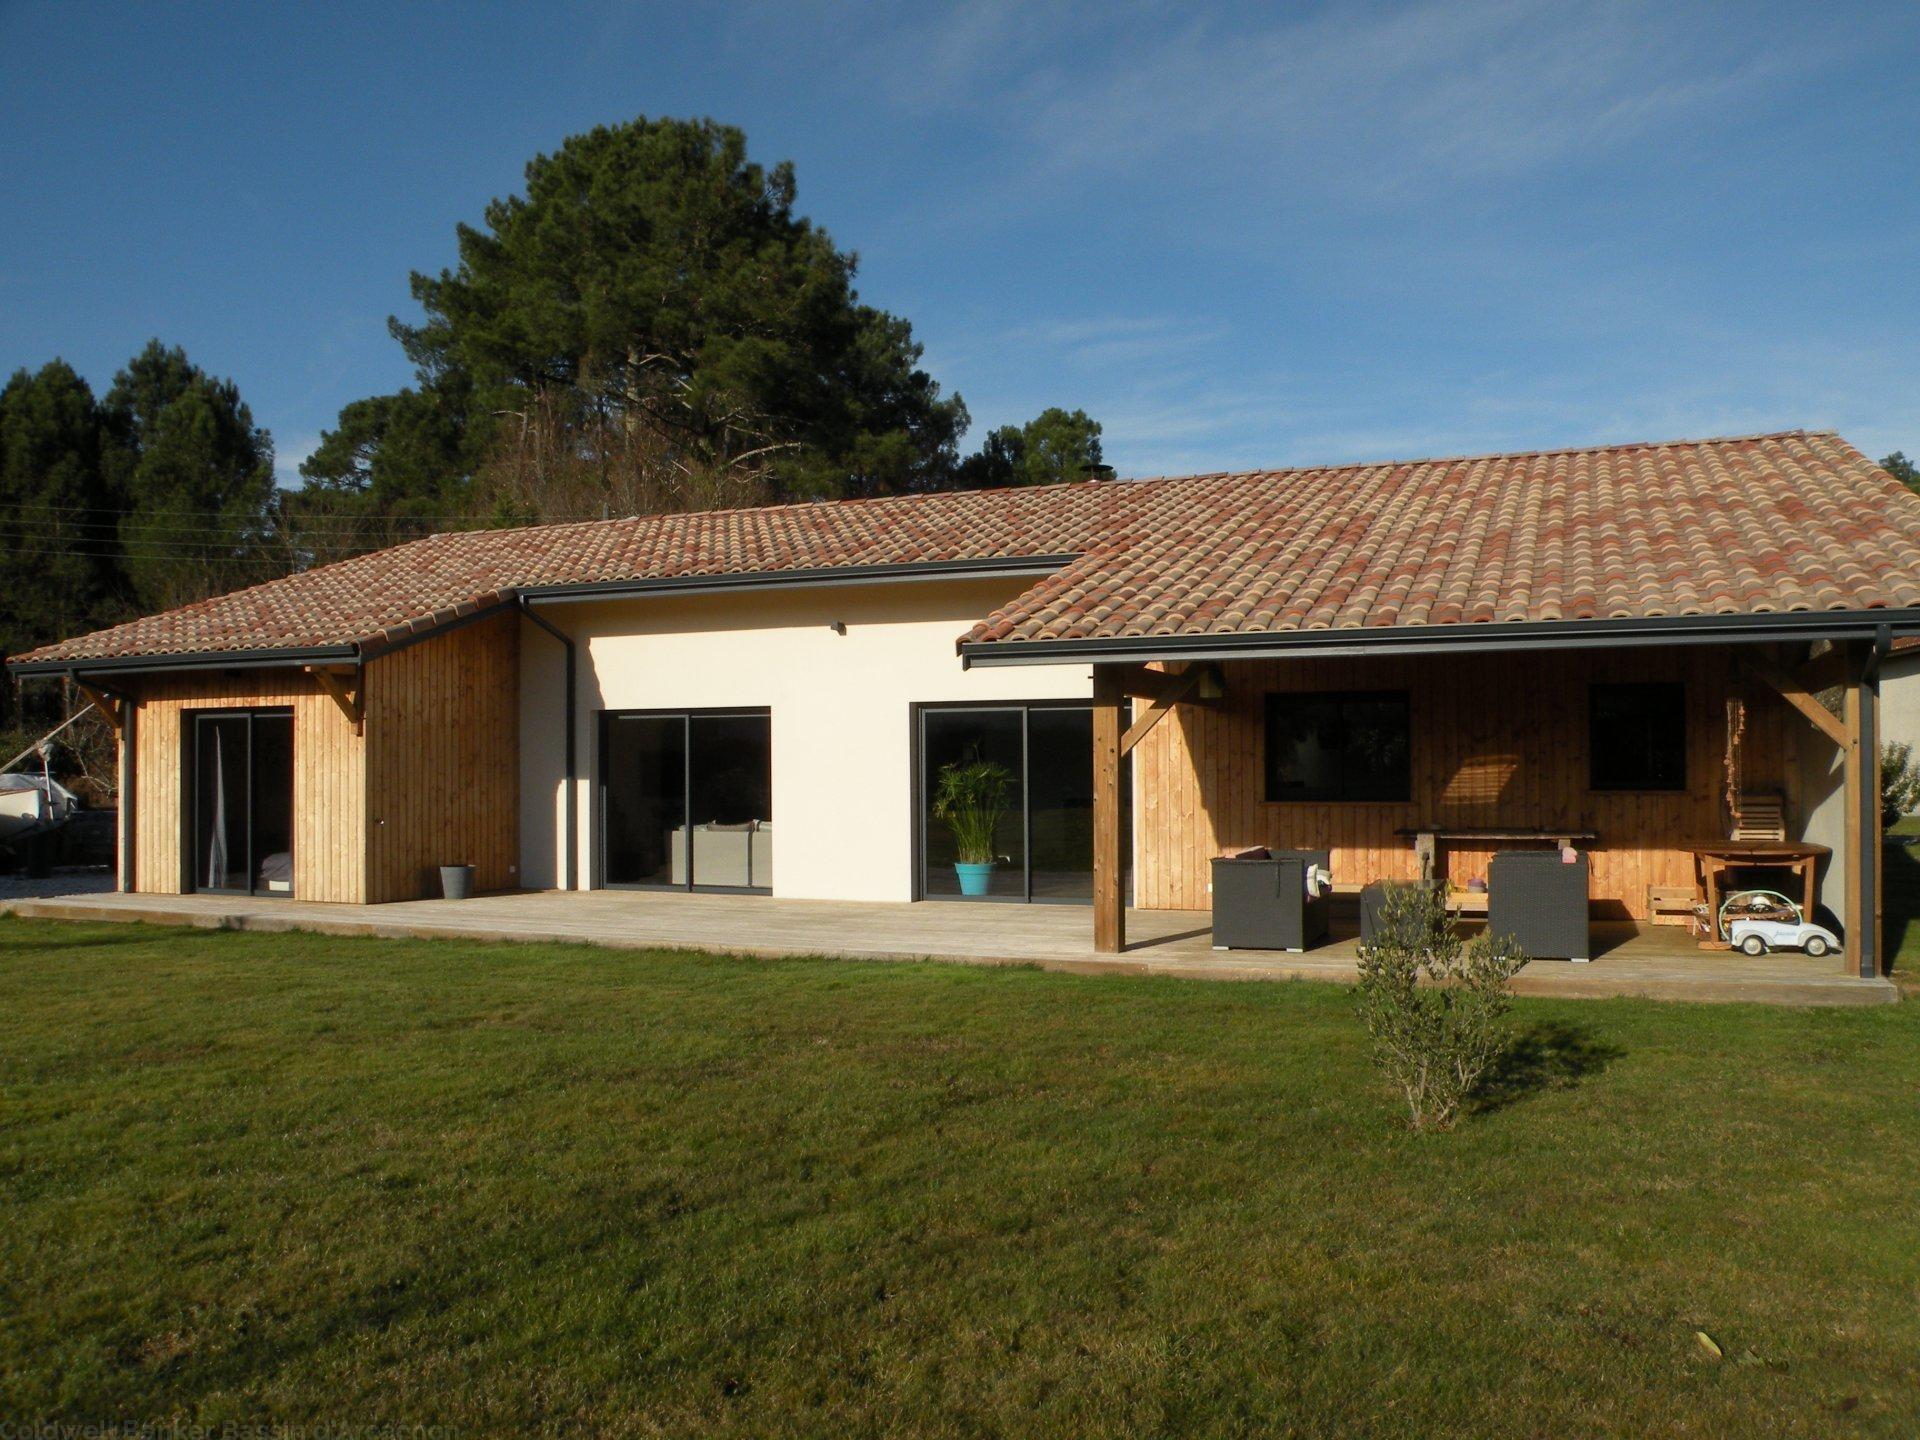 Vente maison villa bassin d 39 arcachon salles maison for Villa ossature bois